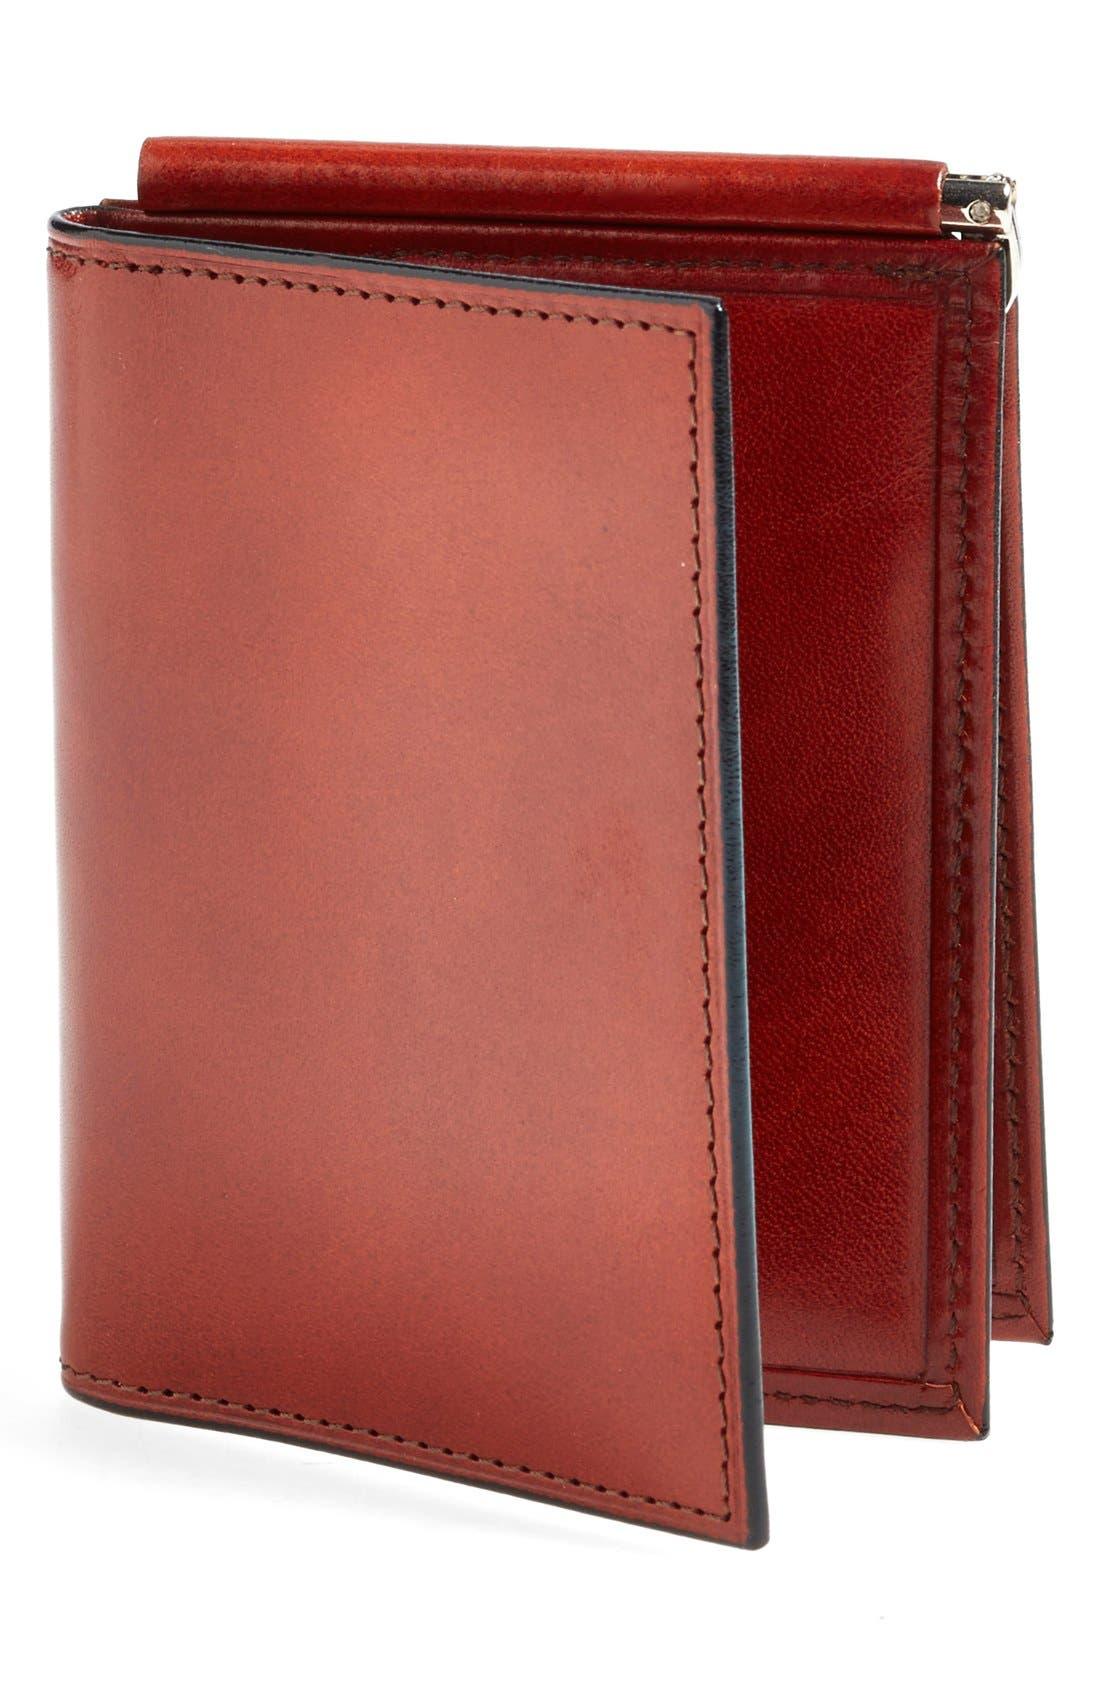 'Old Leather' Money Clip Wallet,                             Main thumbnail 1, color,                             COGNAC